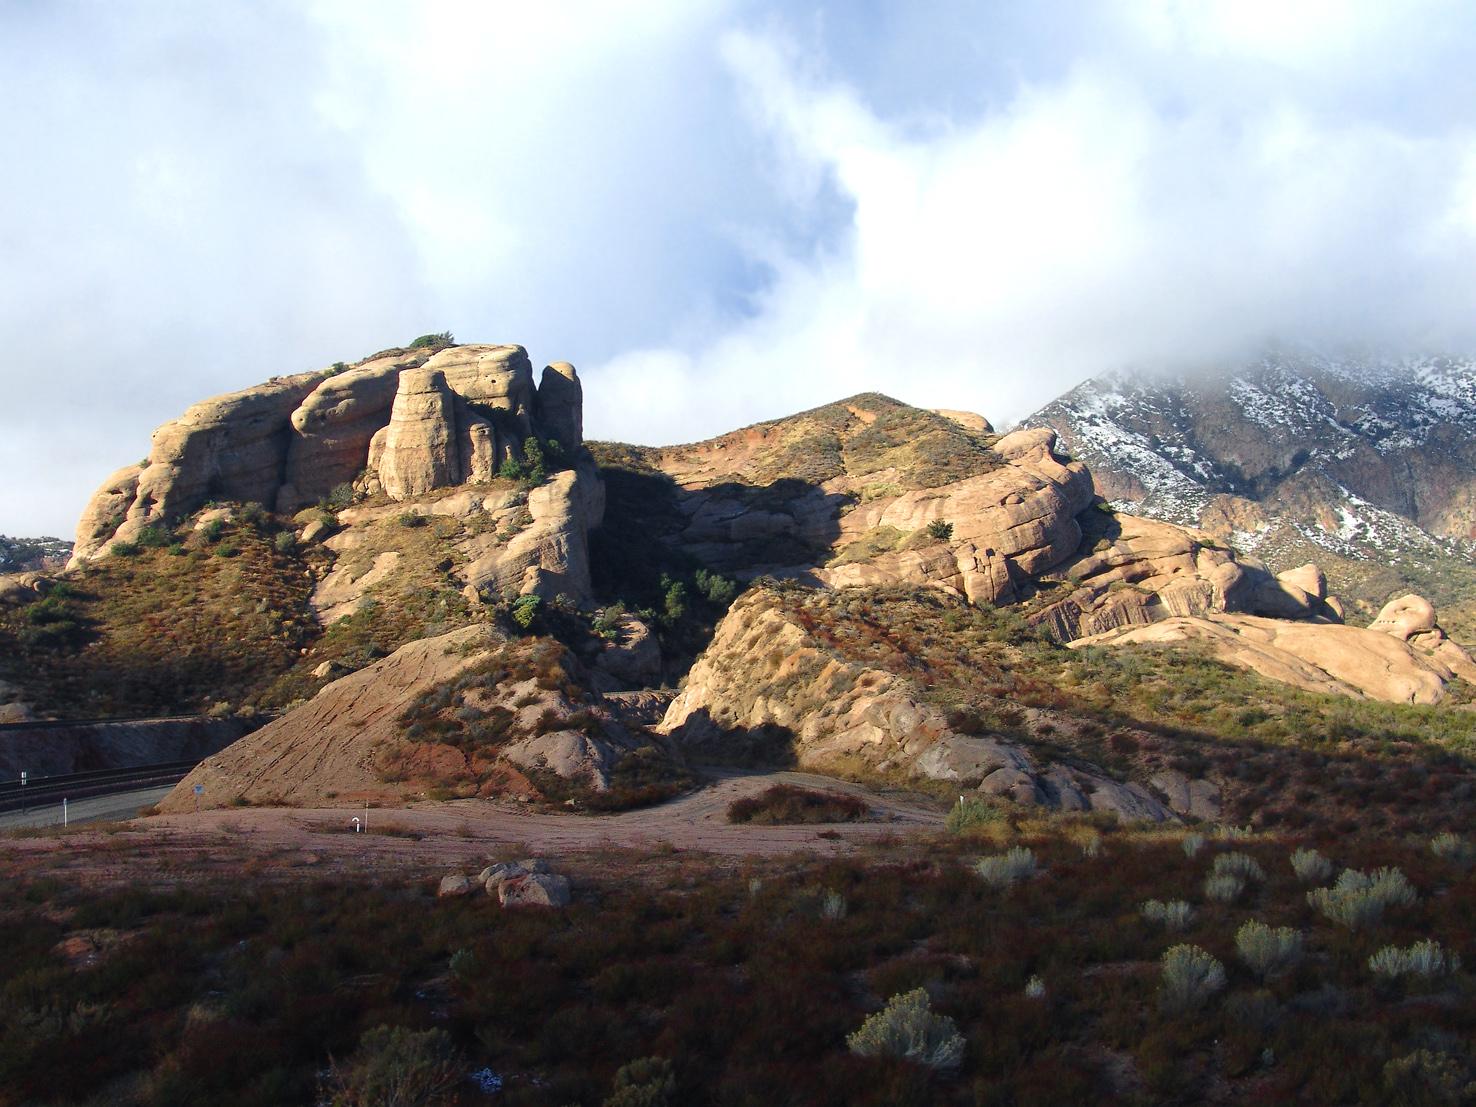 cajon pass landscape